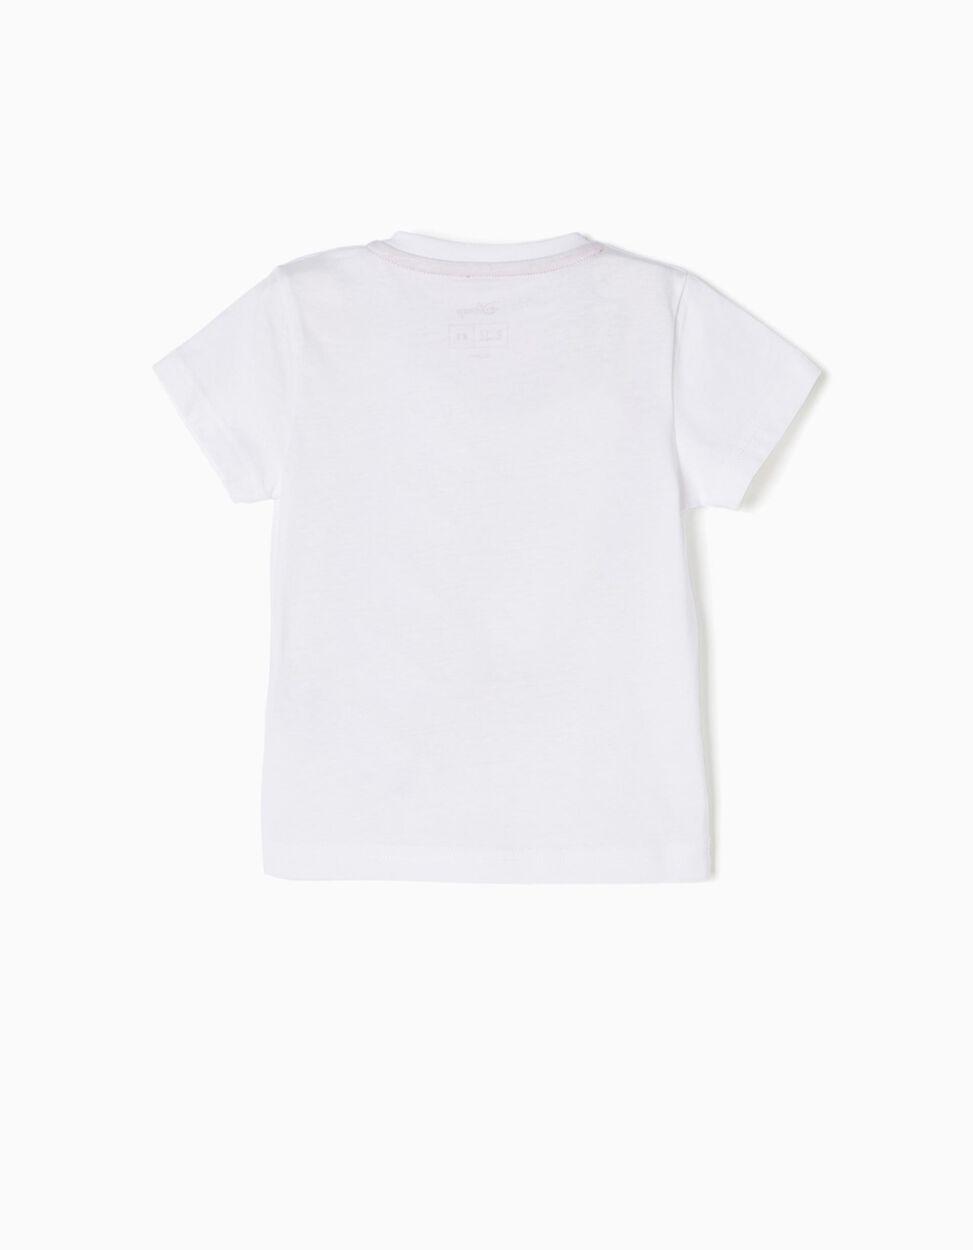 T-shirt Branca e Azul Mickey